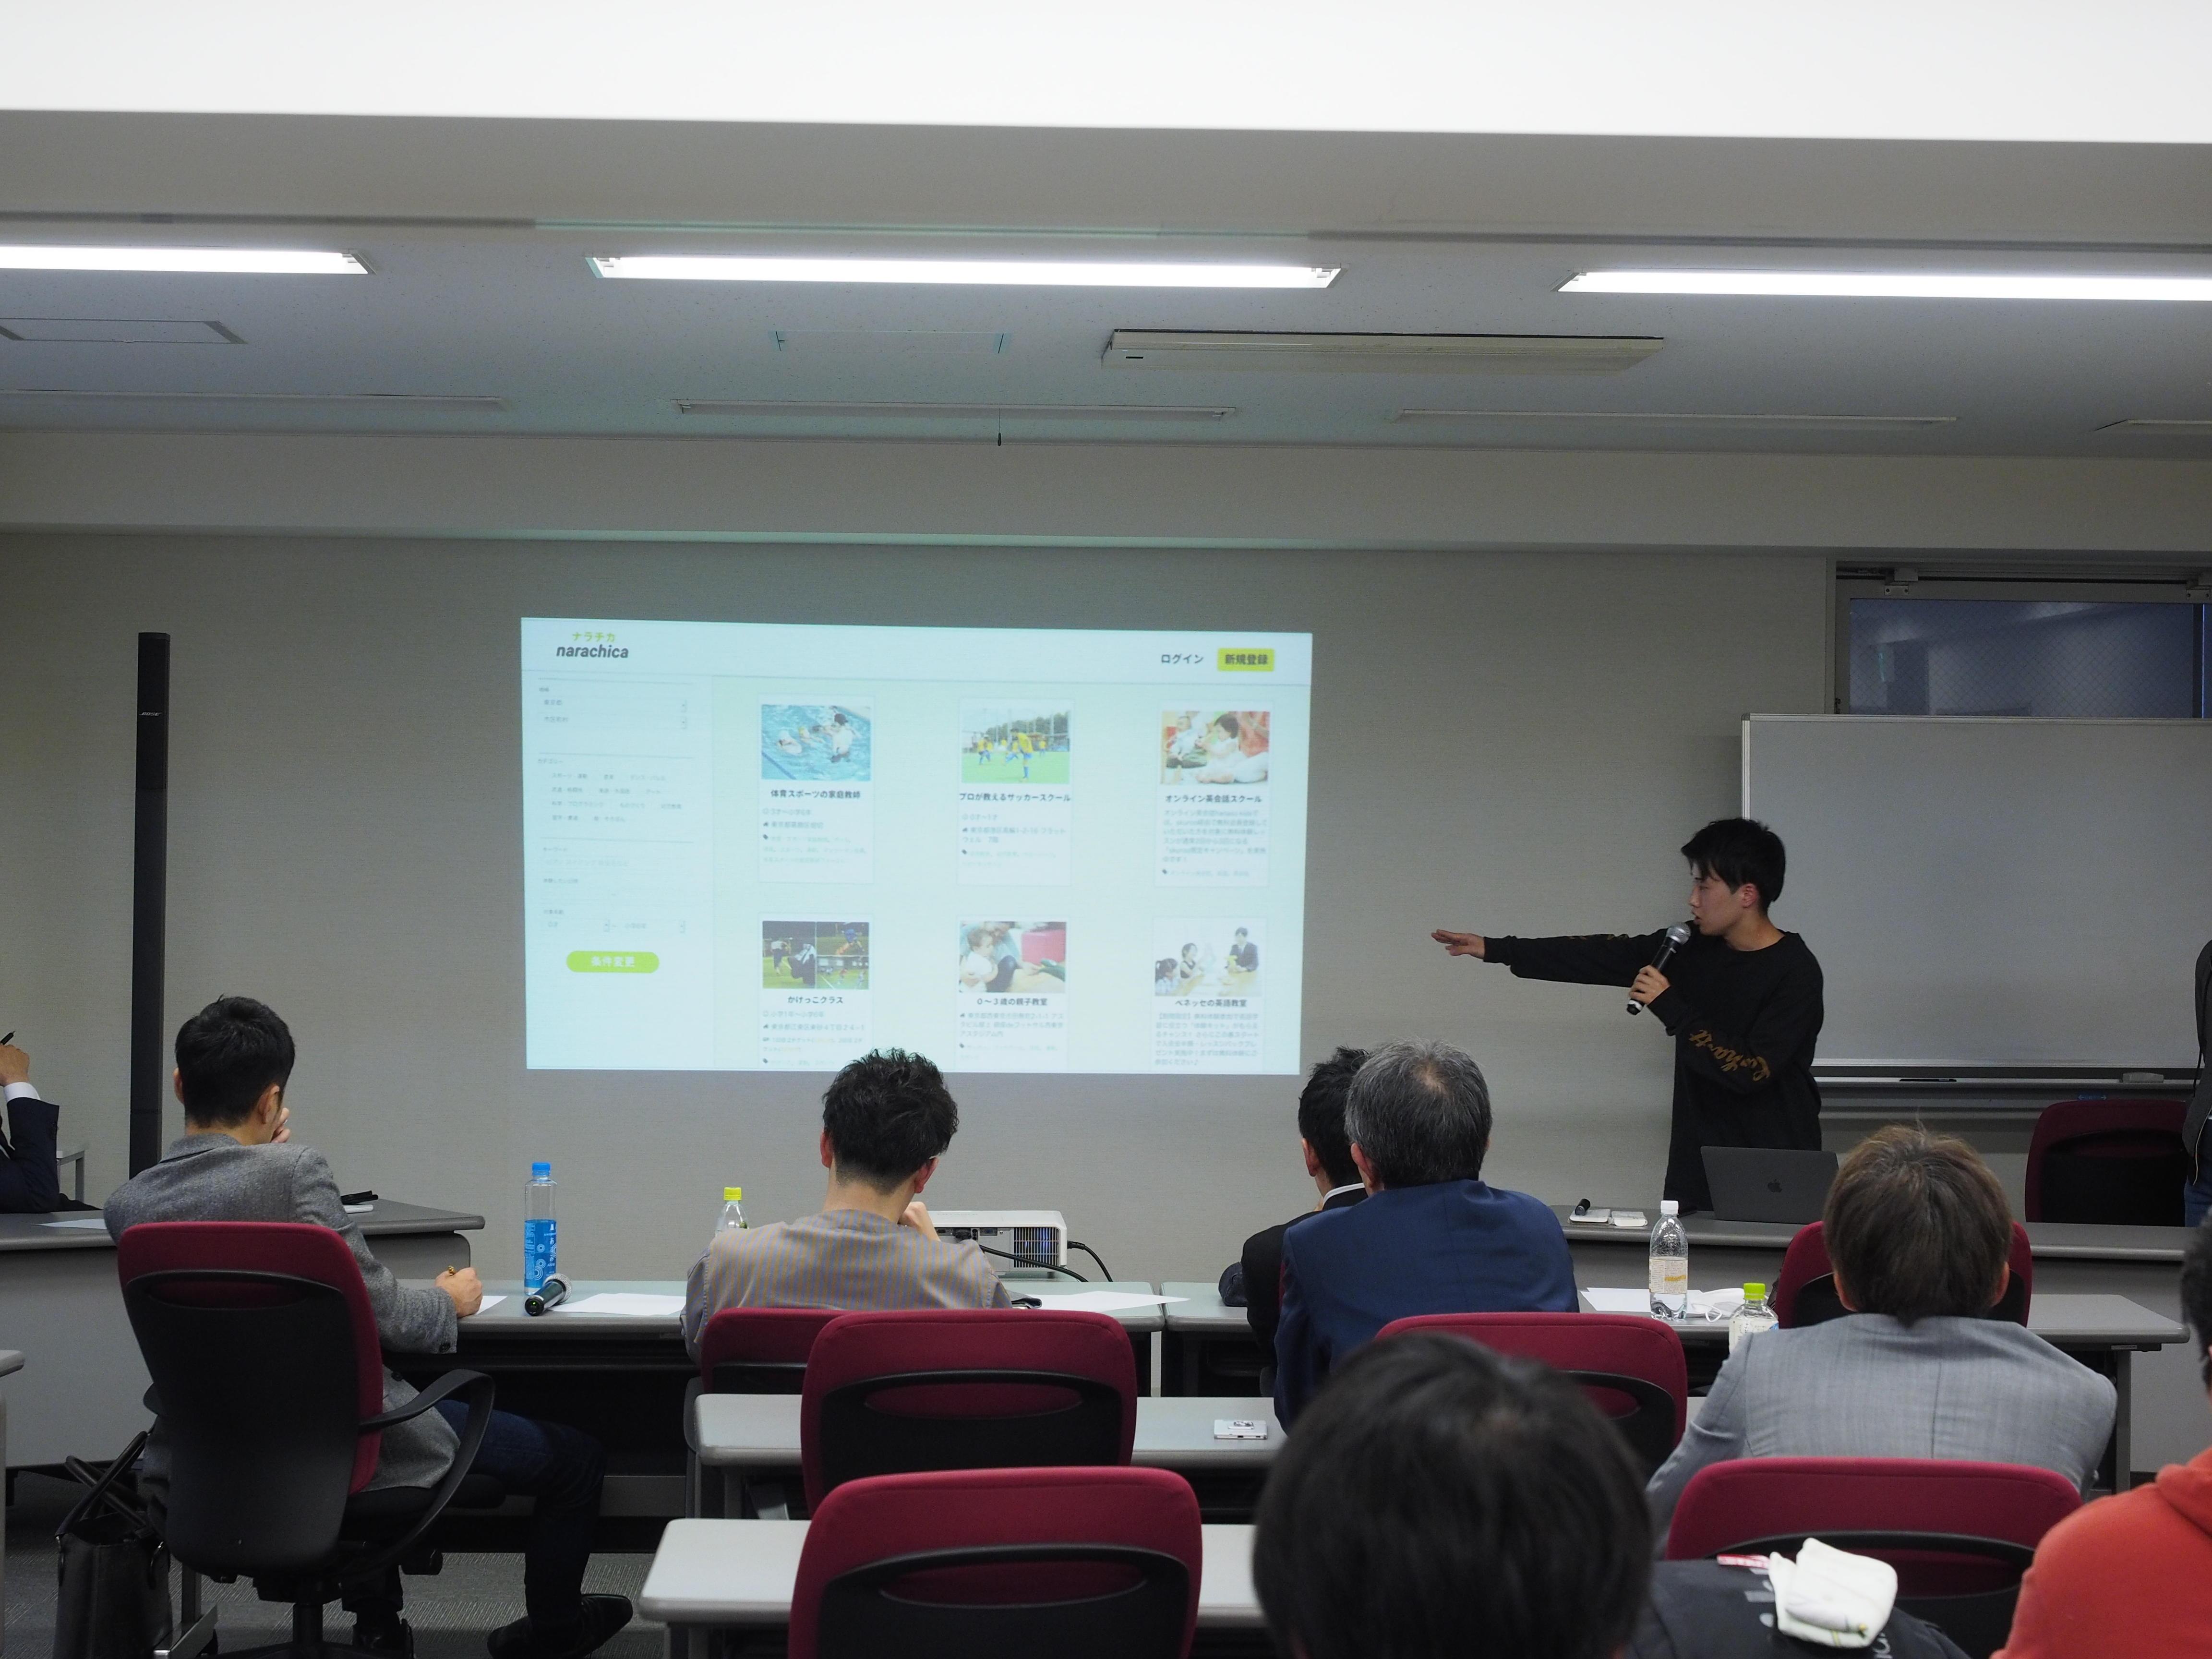 コンピュータサイエンス学部プロジェクト実習 最終発表会レポート -- 東京工科大学